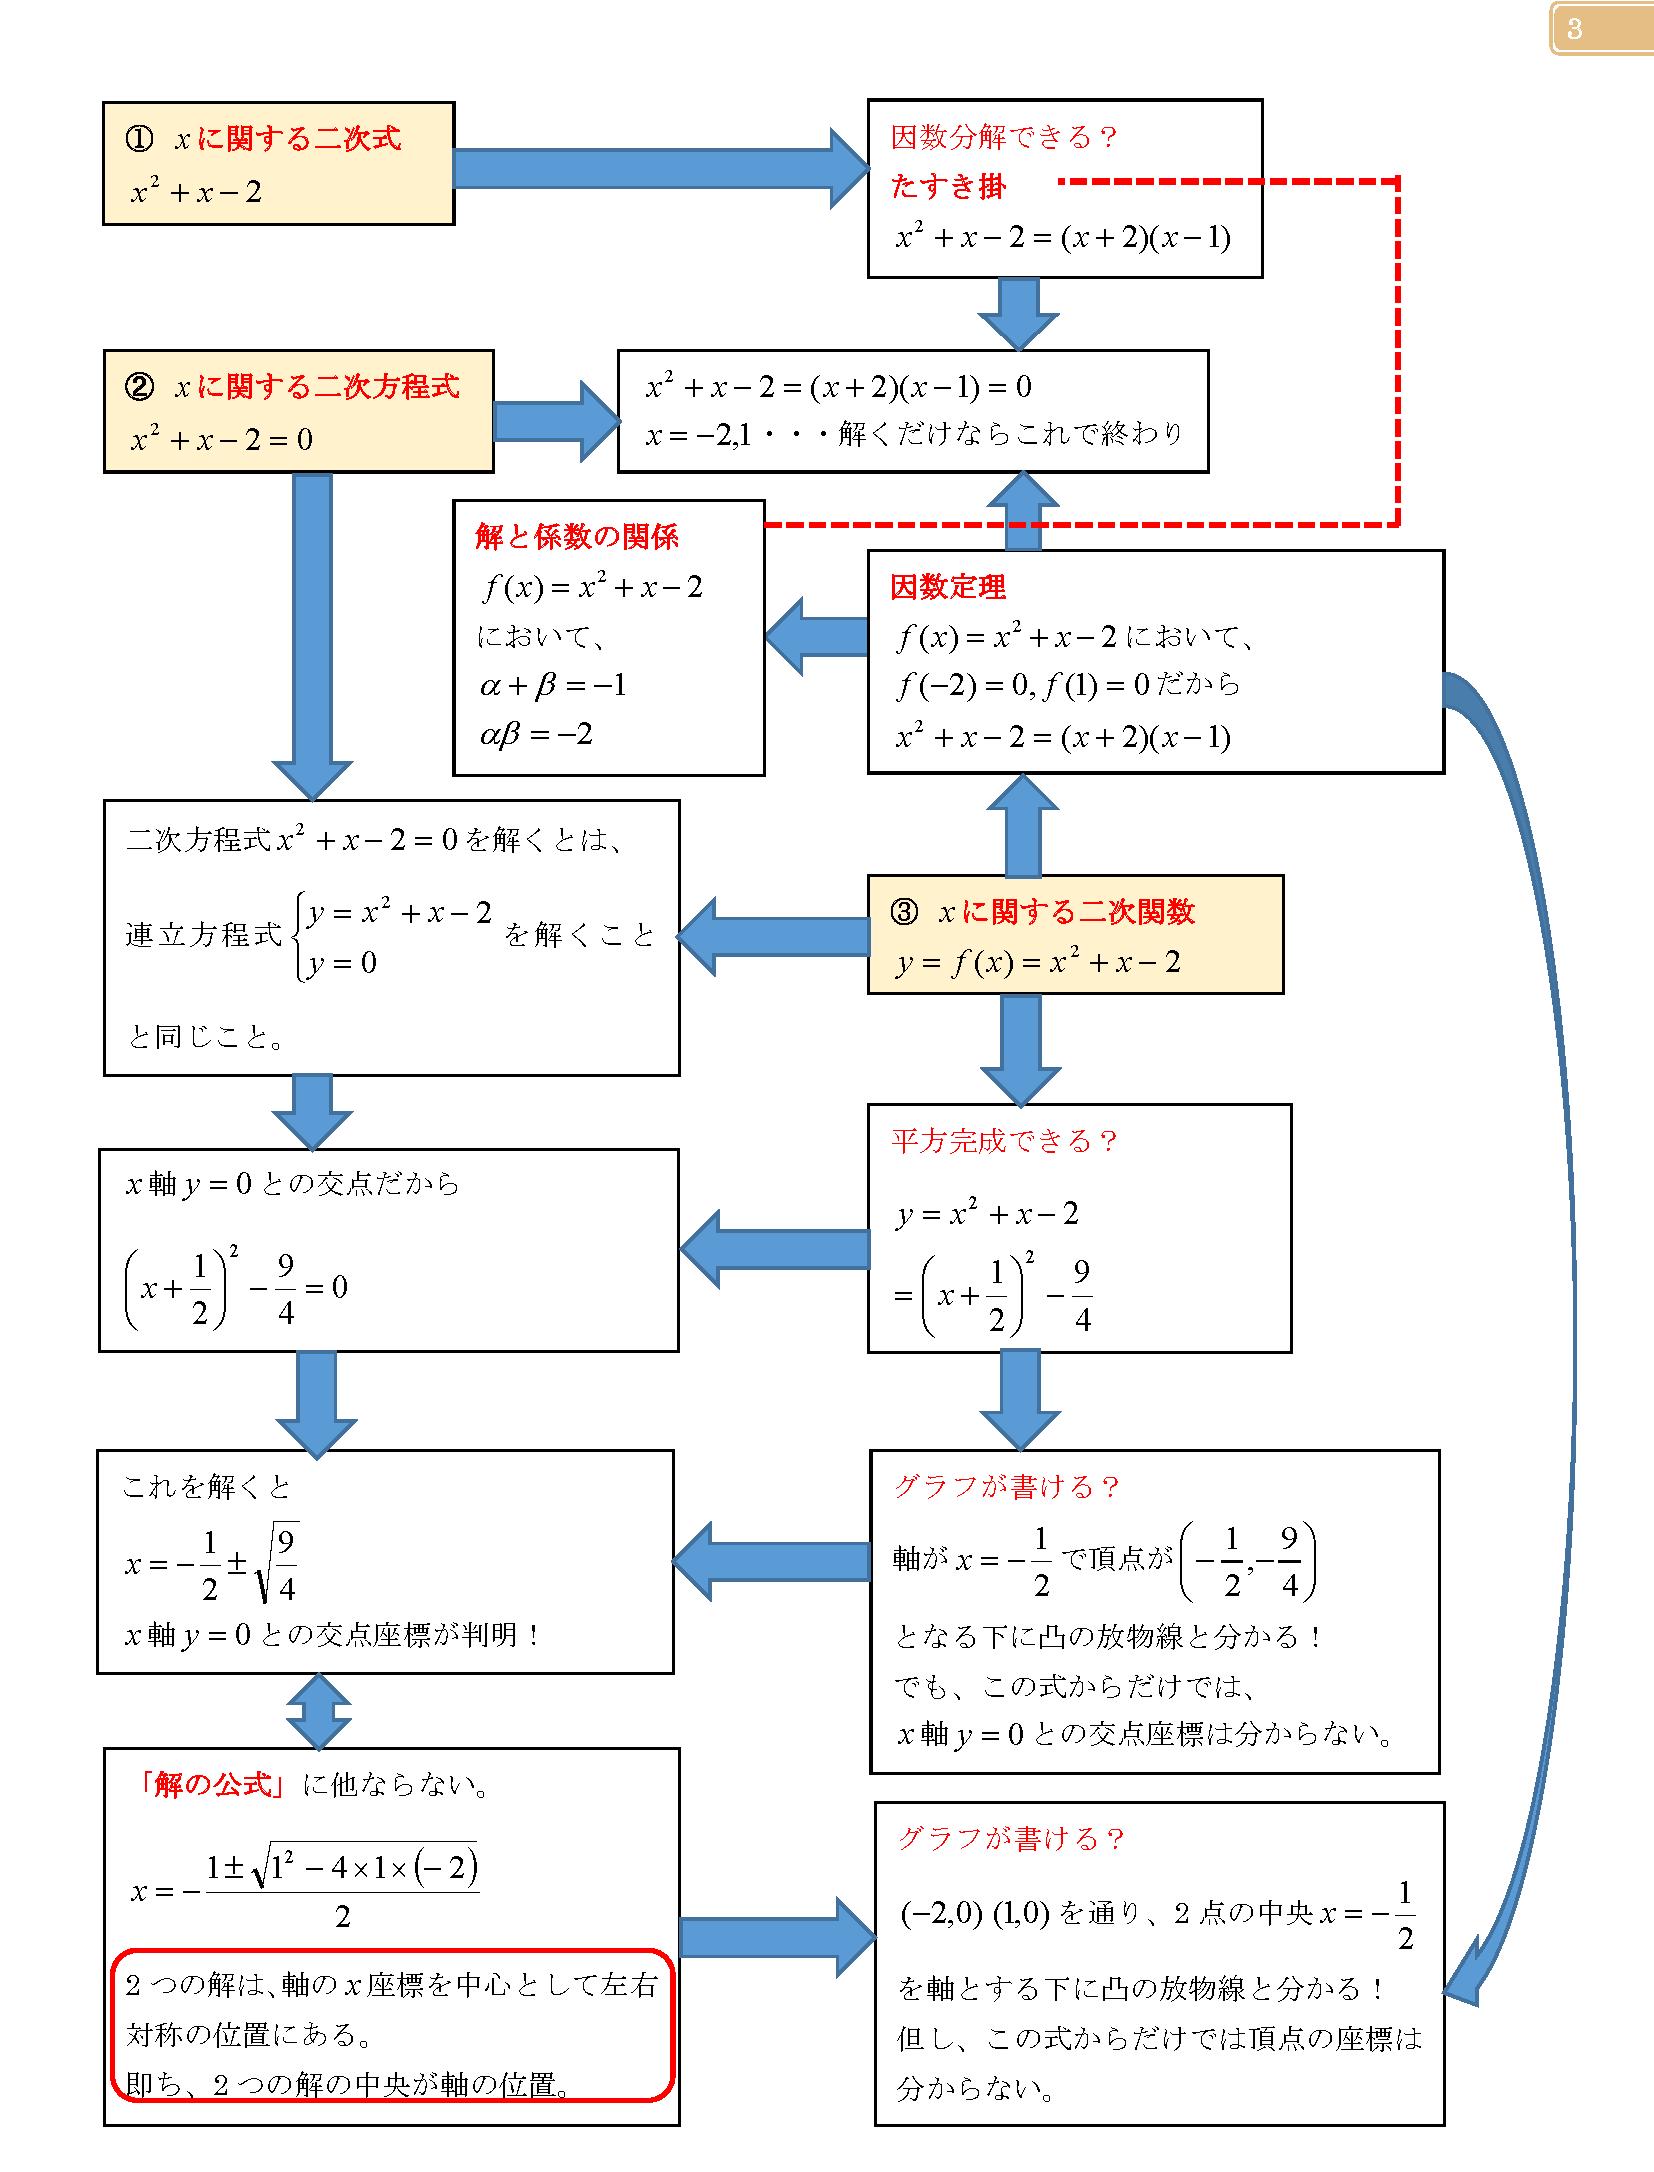 二次式・二次方程式・二次関数の関係性理解マップ